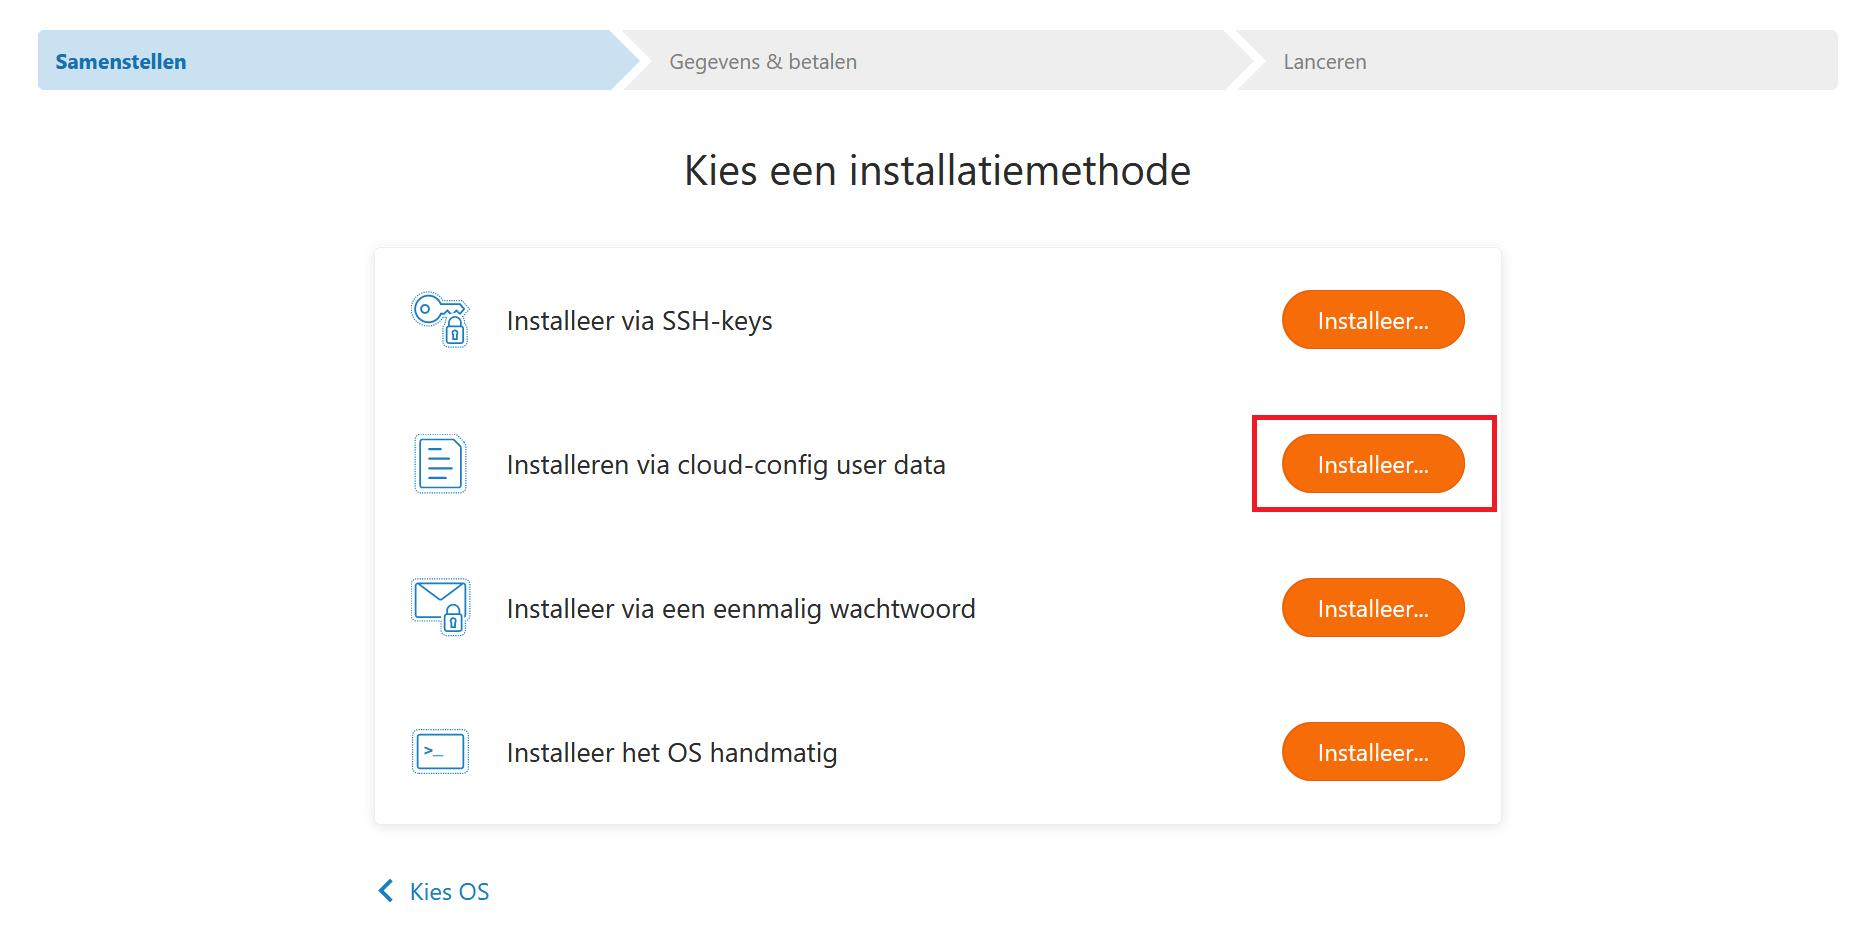 fast installs kies methode cloud config